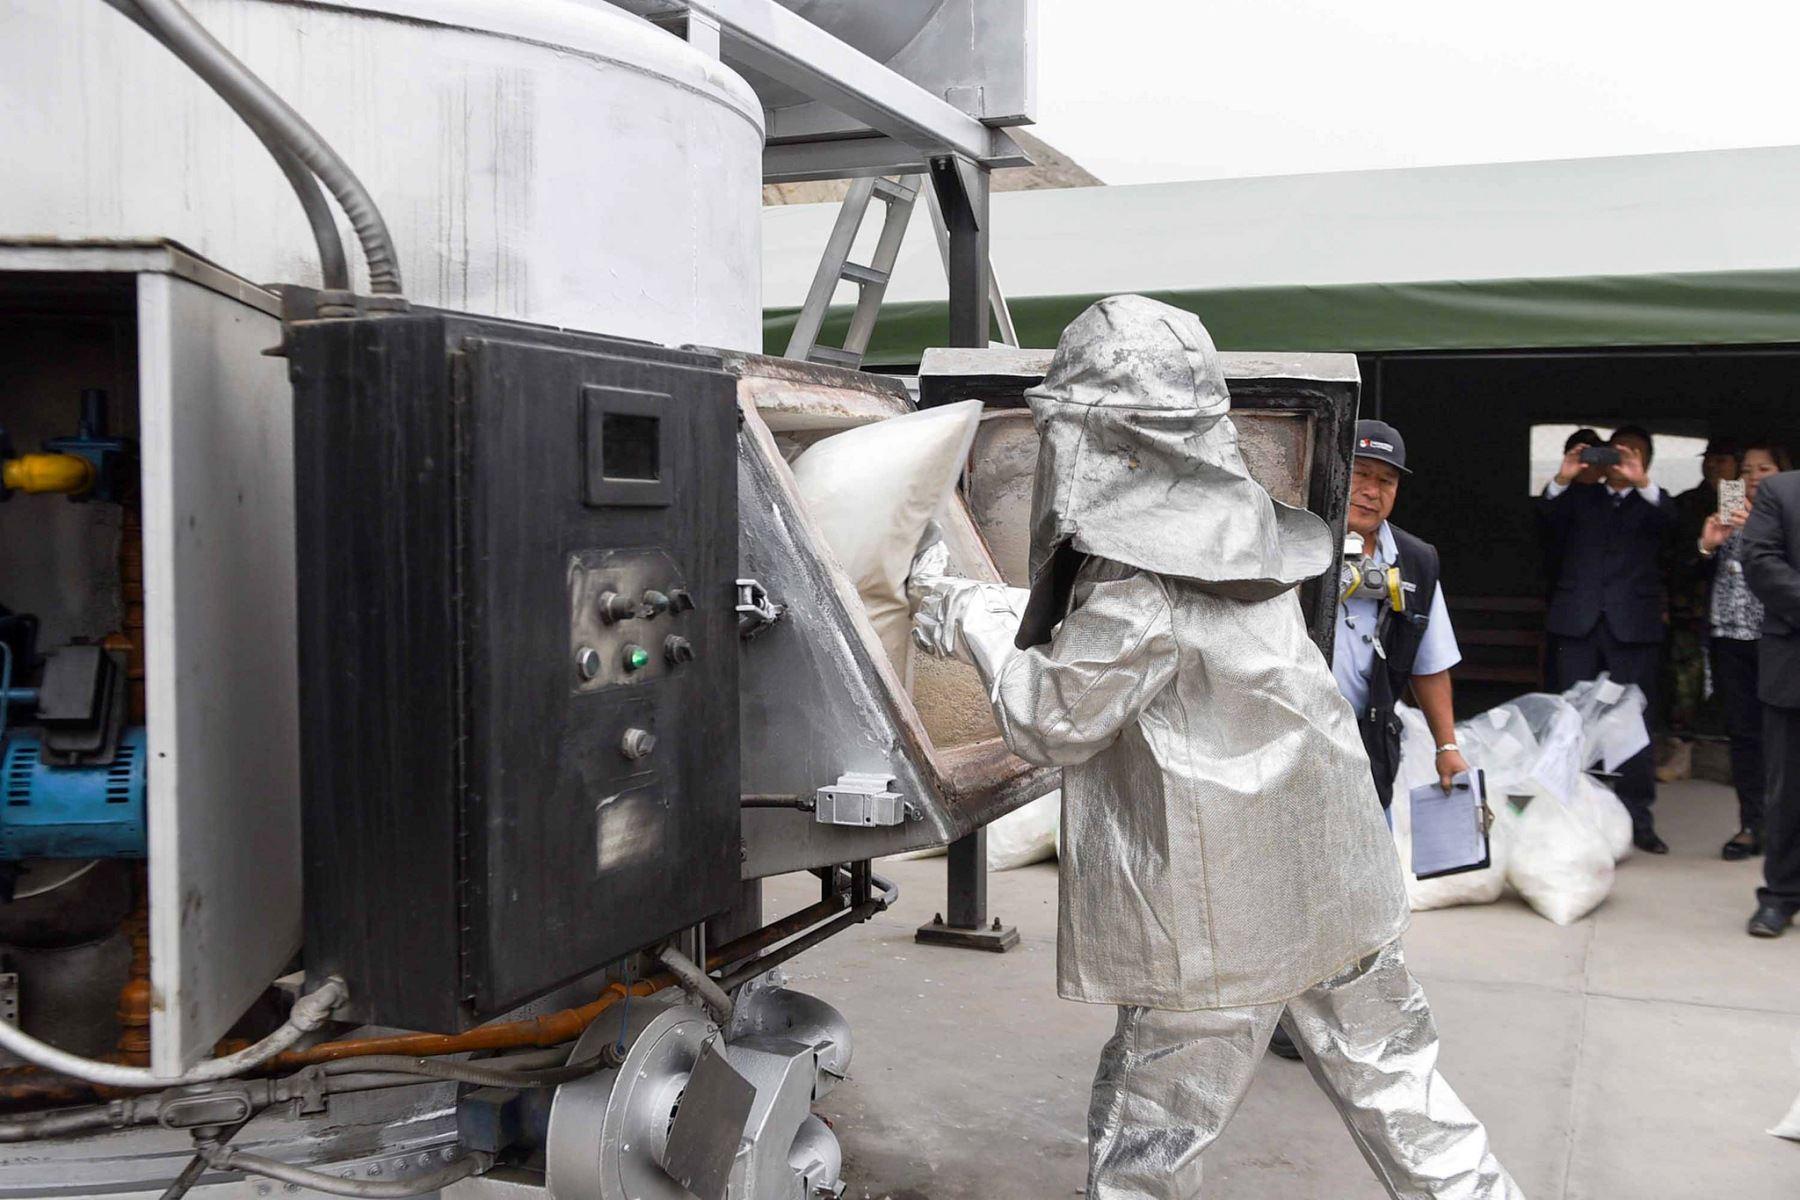 Incineran más de 25 toneladas de droga decomisada por la Policía. Foto: ANDINA/Difusión.